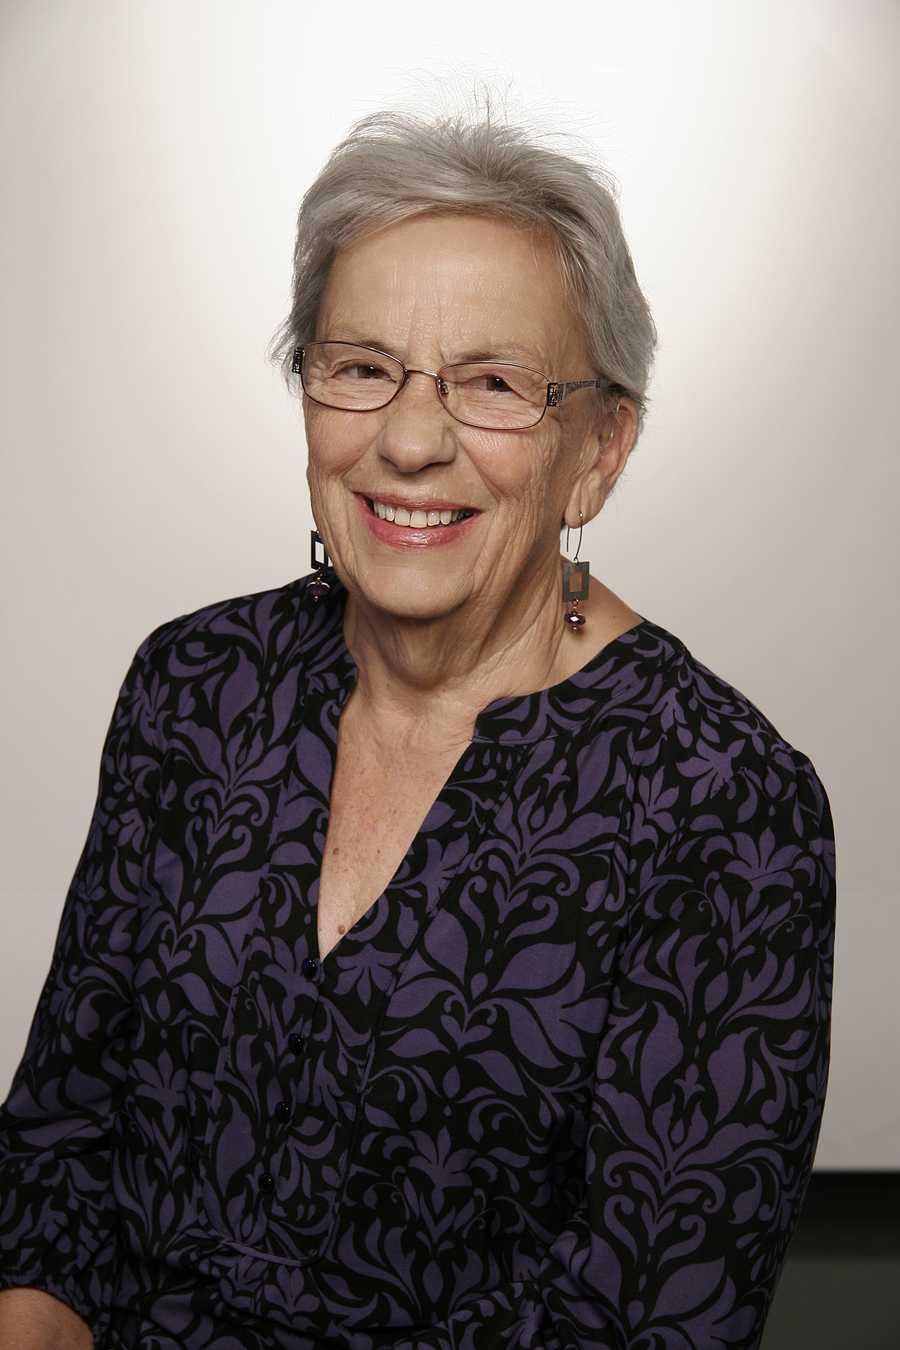 Roberta Hershberg